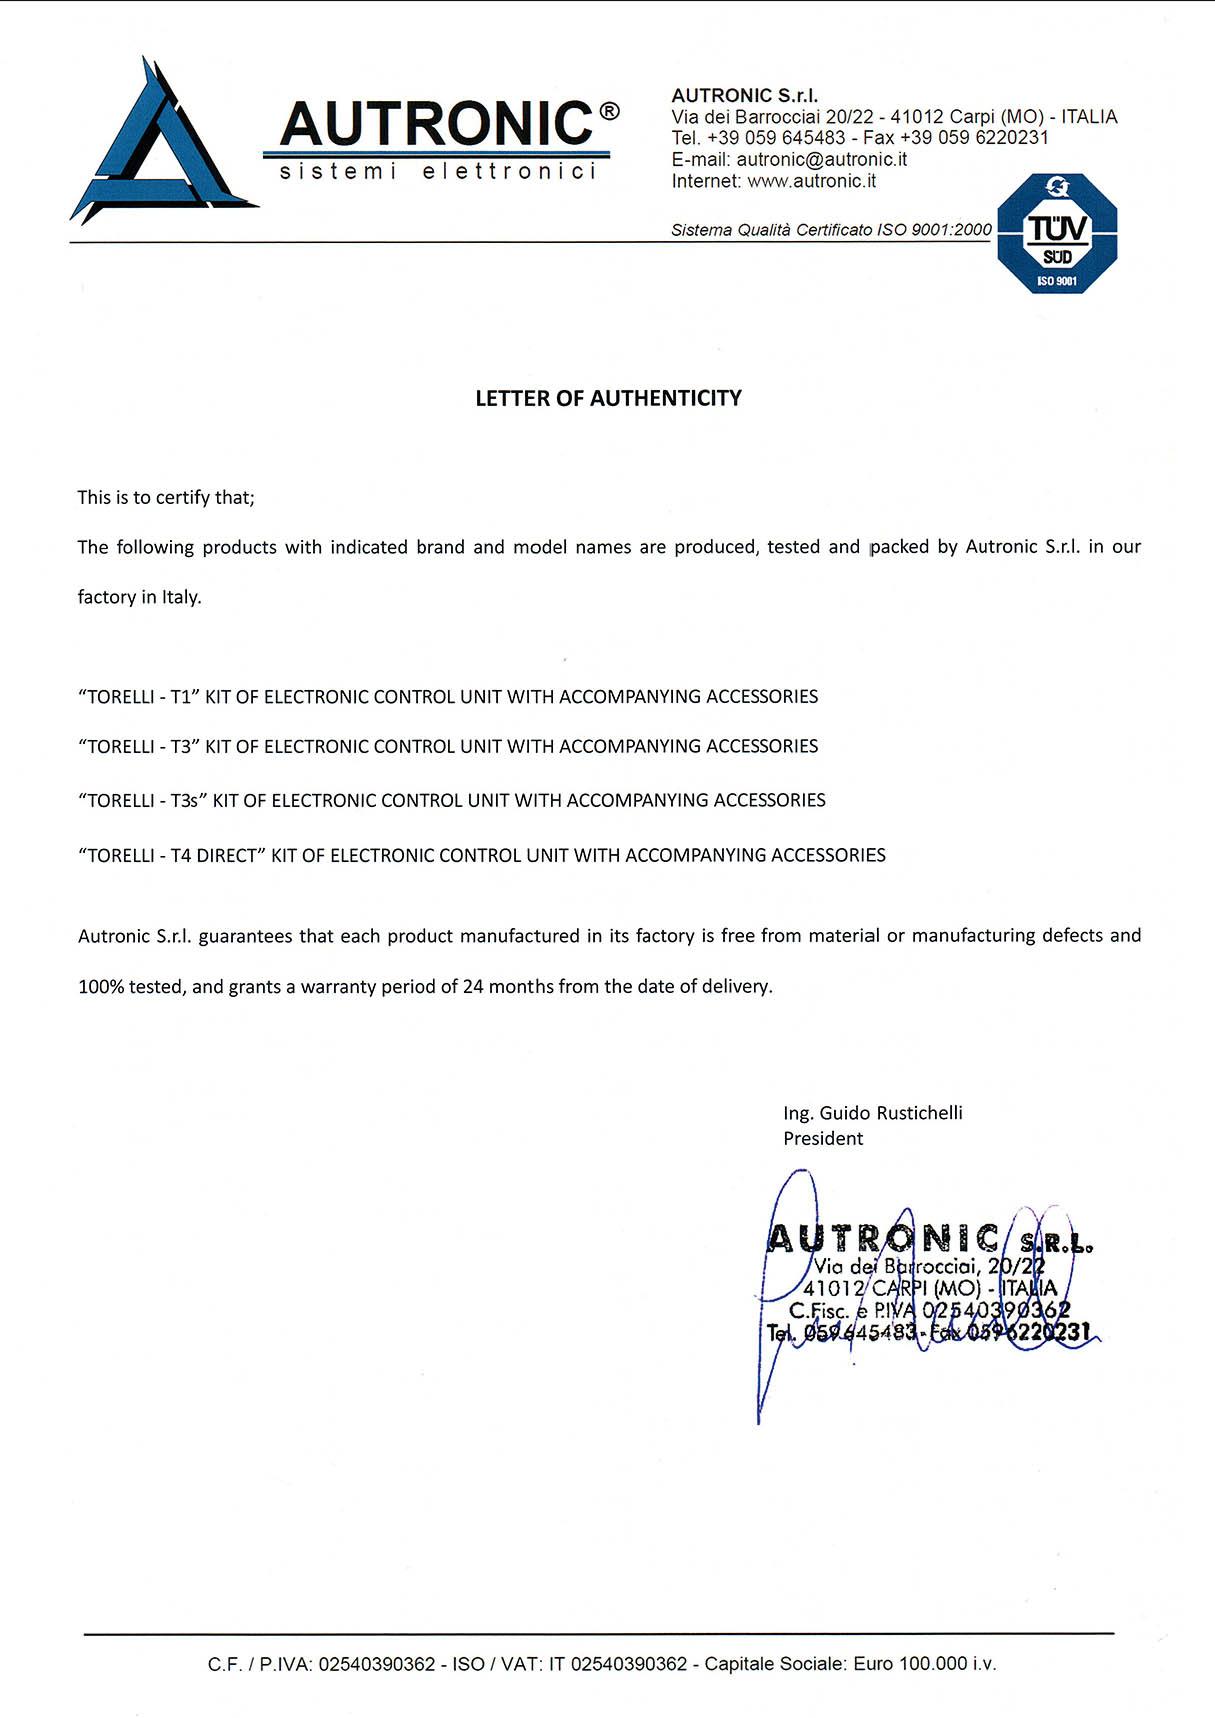 Мини-комплект ГБО 4 поколения Torelli T3 Pro OBD 6 цилиндров, редуктор Torelli Taurus, форсунки Torelli Rapido, фильтр, датчик уровня топлива AEB1090